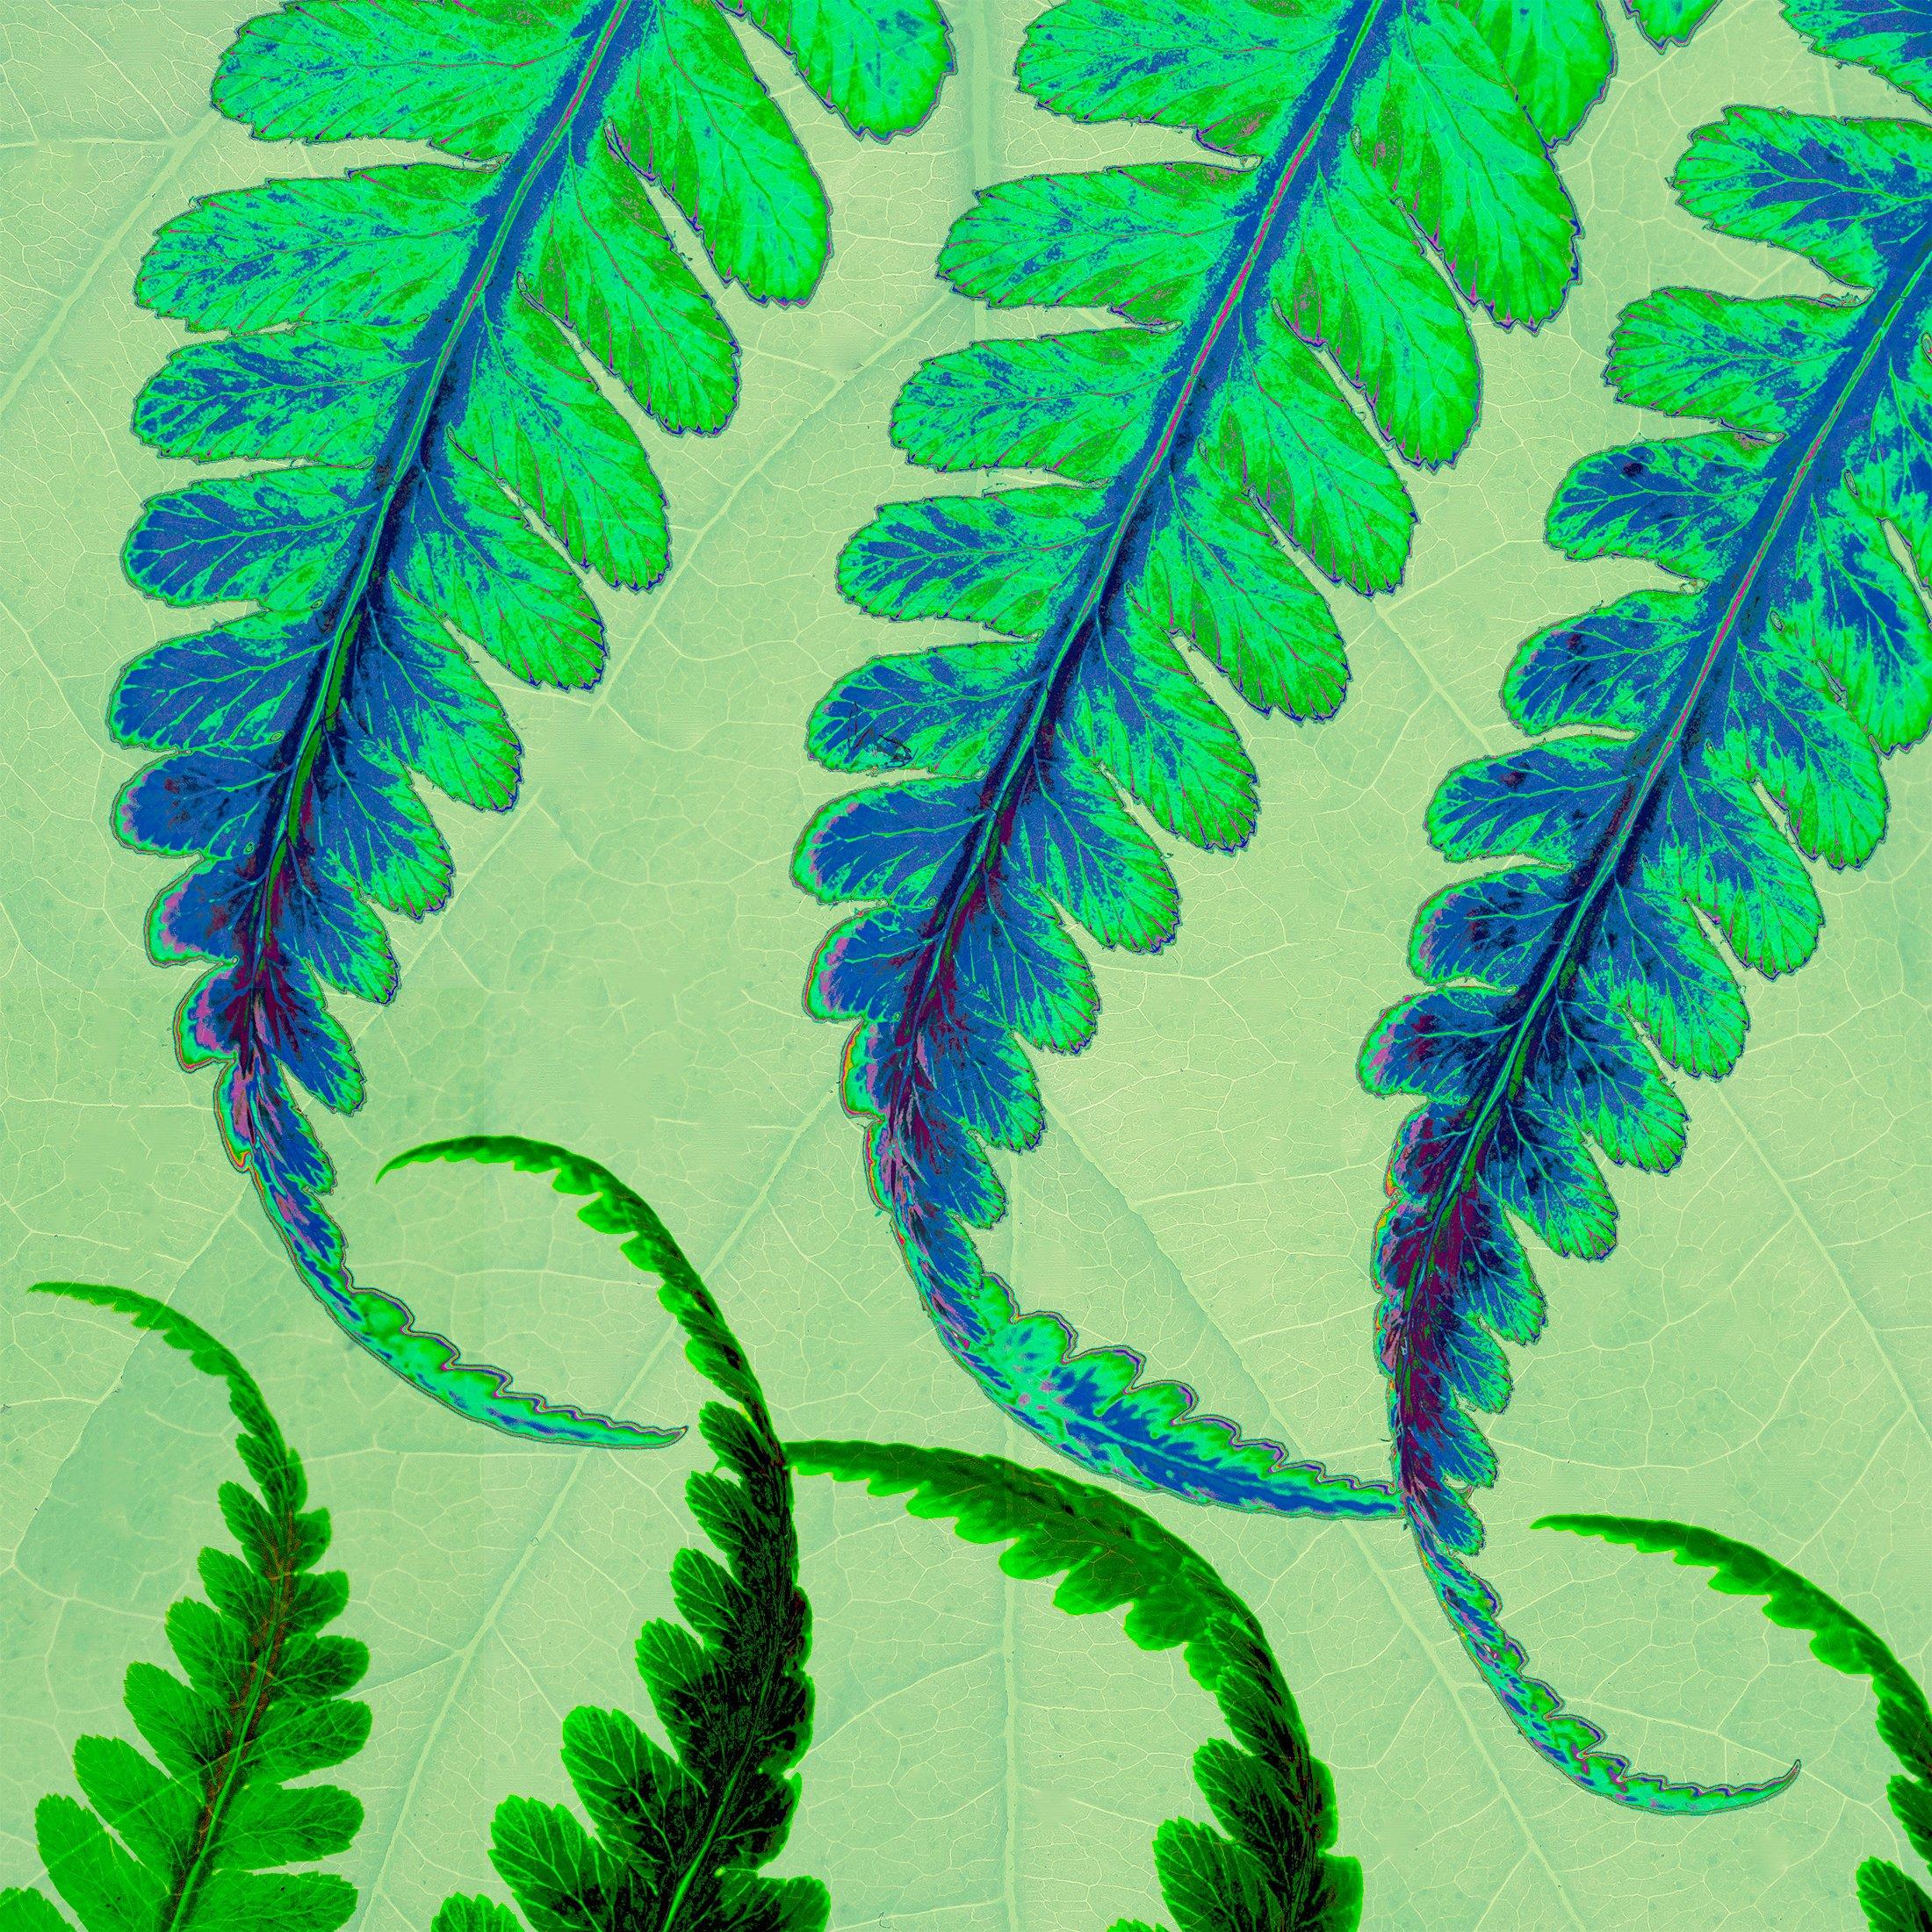 Hanging Ferns Blue